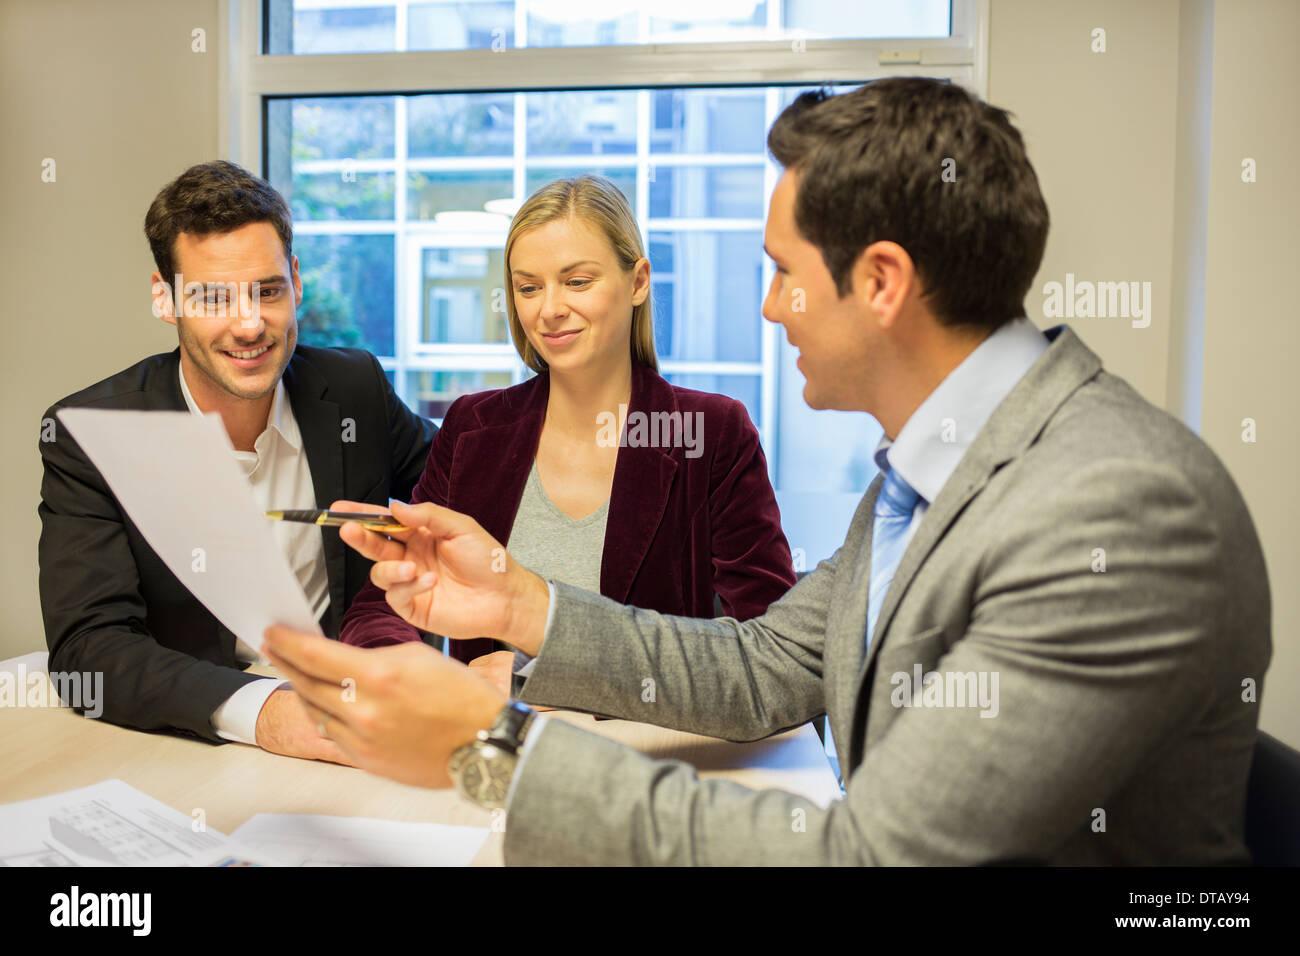 Pareja joven firma contrato en Office cone inmobiliario, nuevos propietarios Imagen De Stock